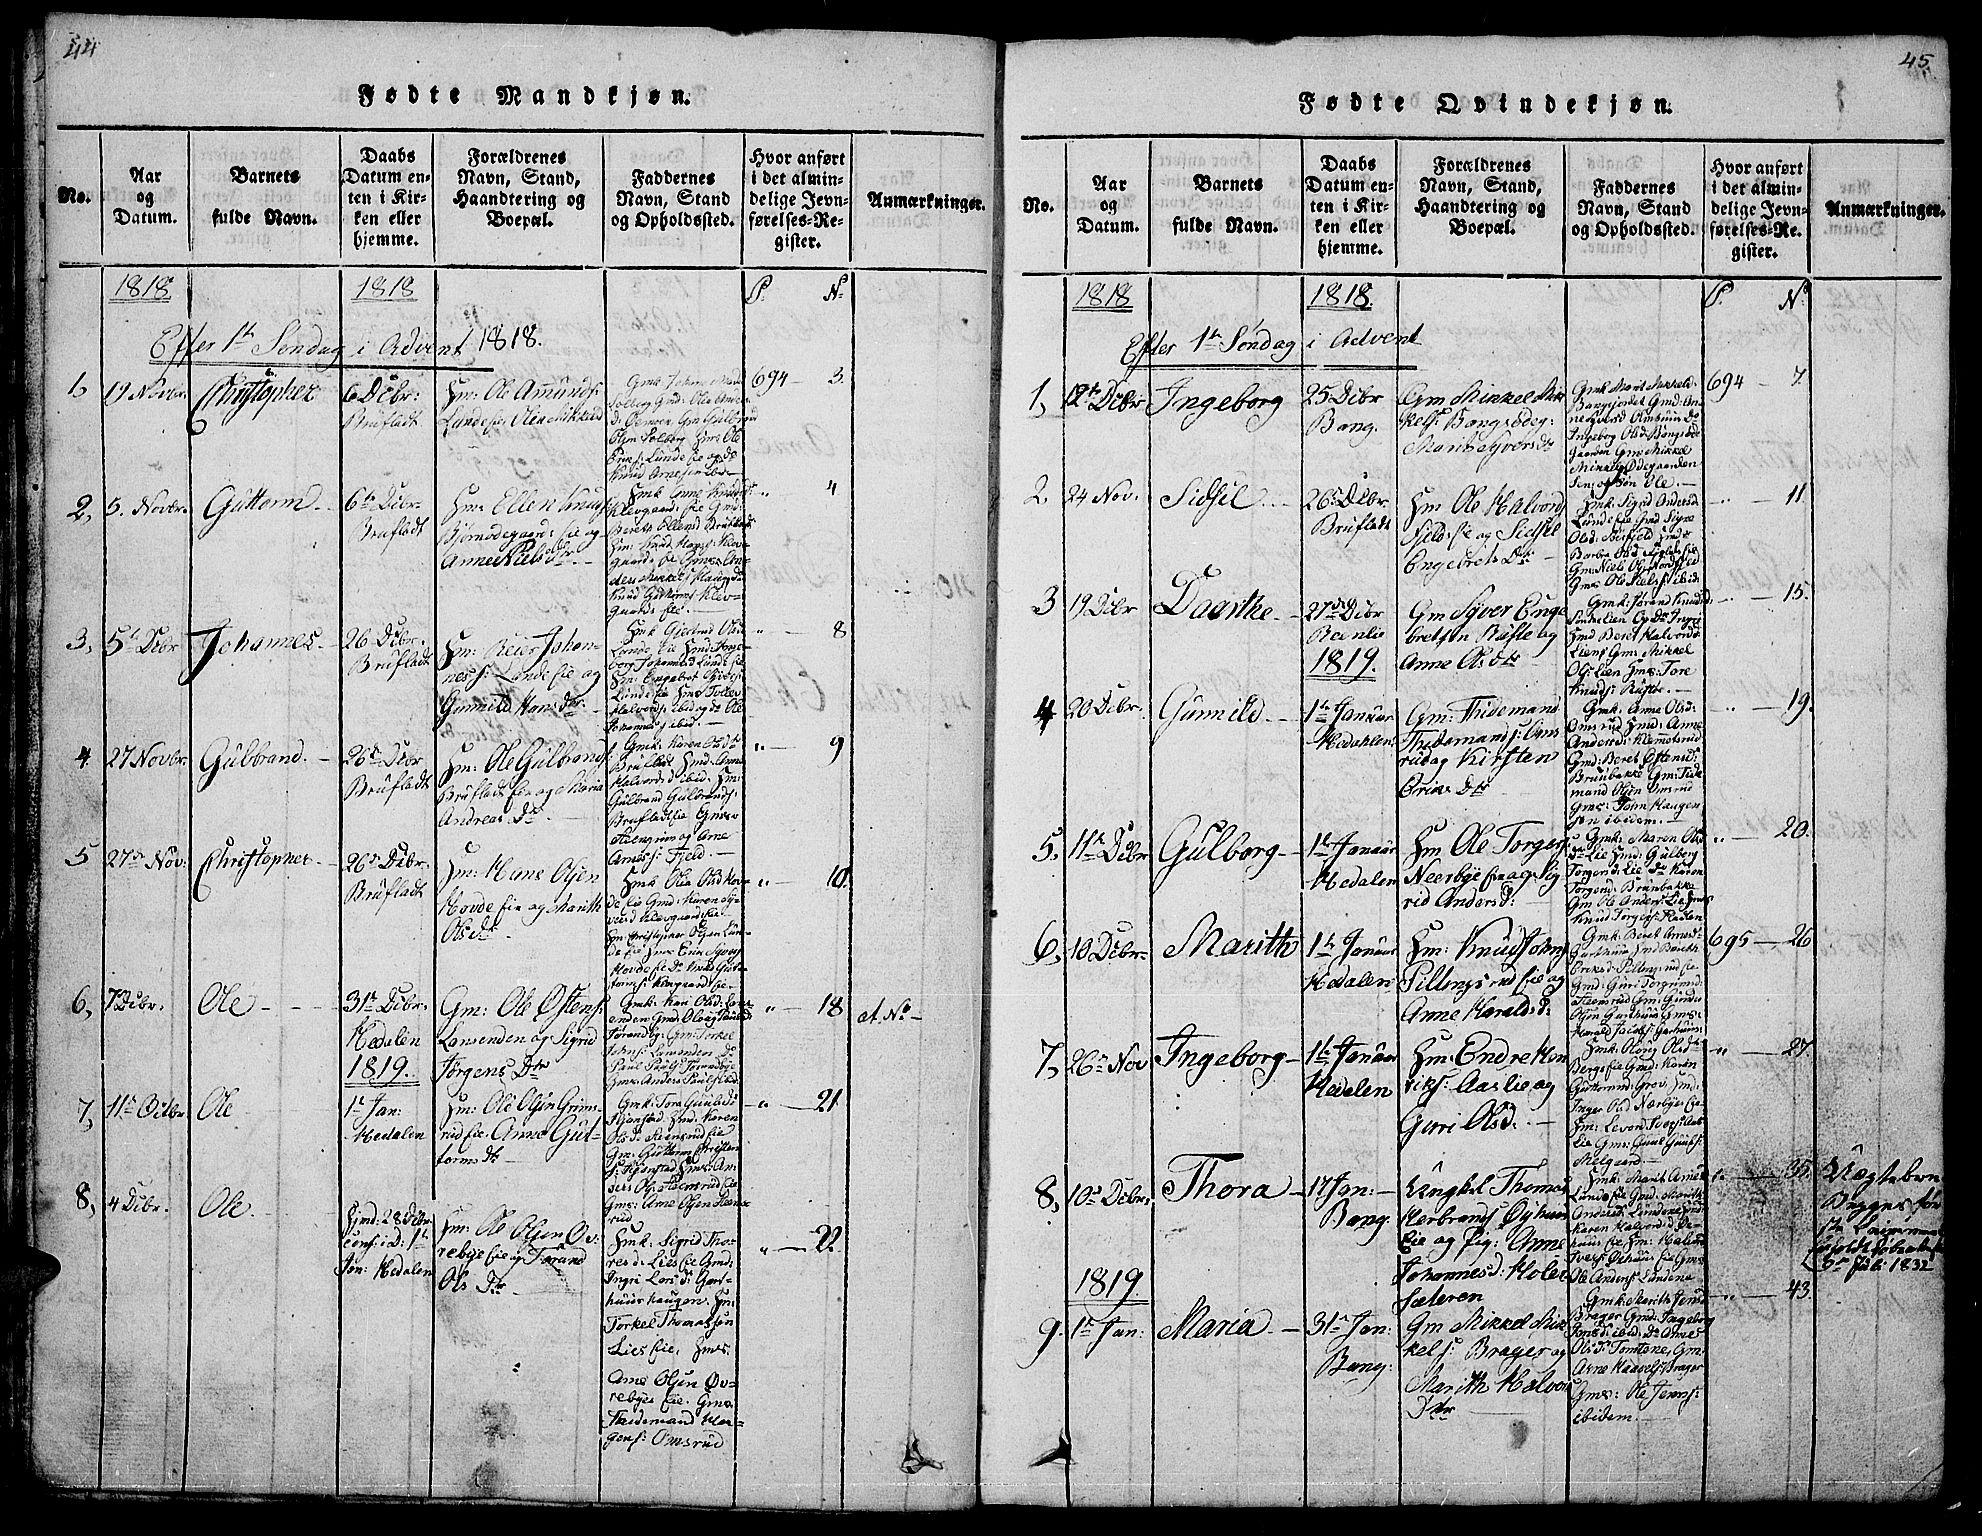 SAH, Sør-Aurdal prestekontor, Klokkerbok nr. 1, 1815-1826, s. 44-45